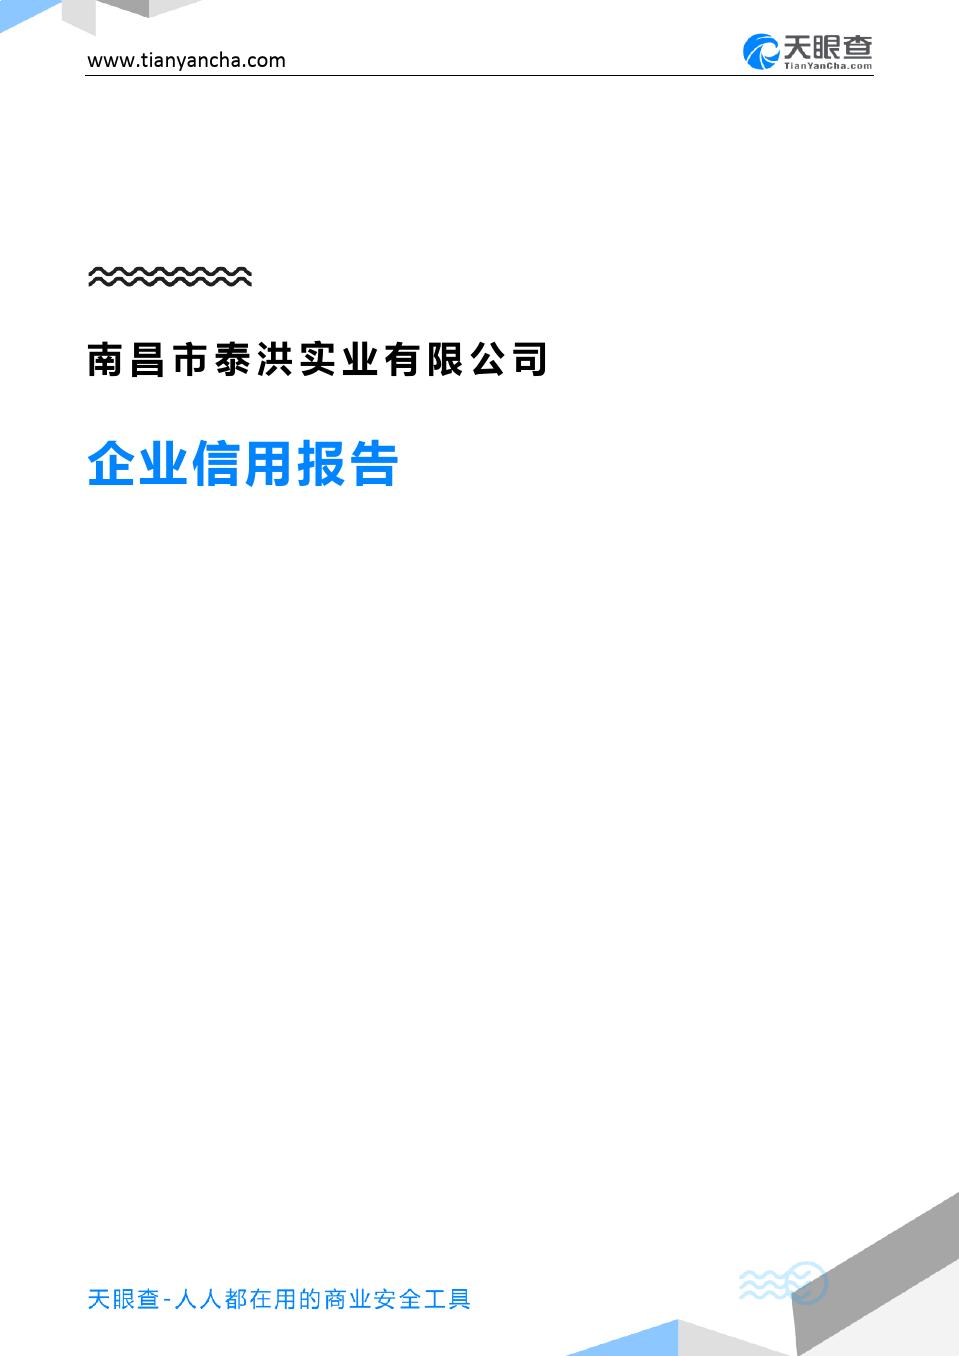 南昌市泰洪实业有限公司(企业信用报告)- 天眼查